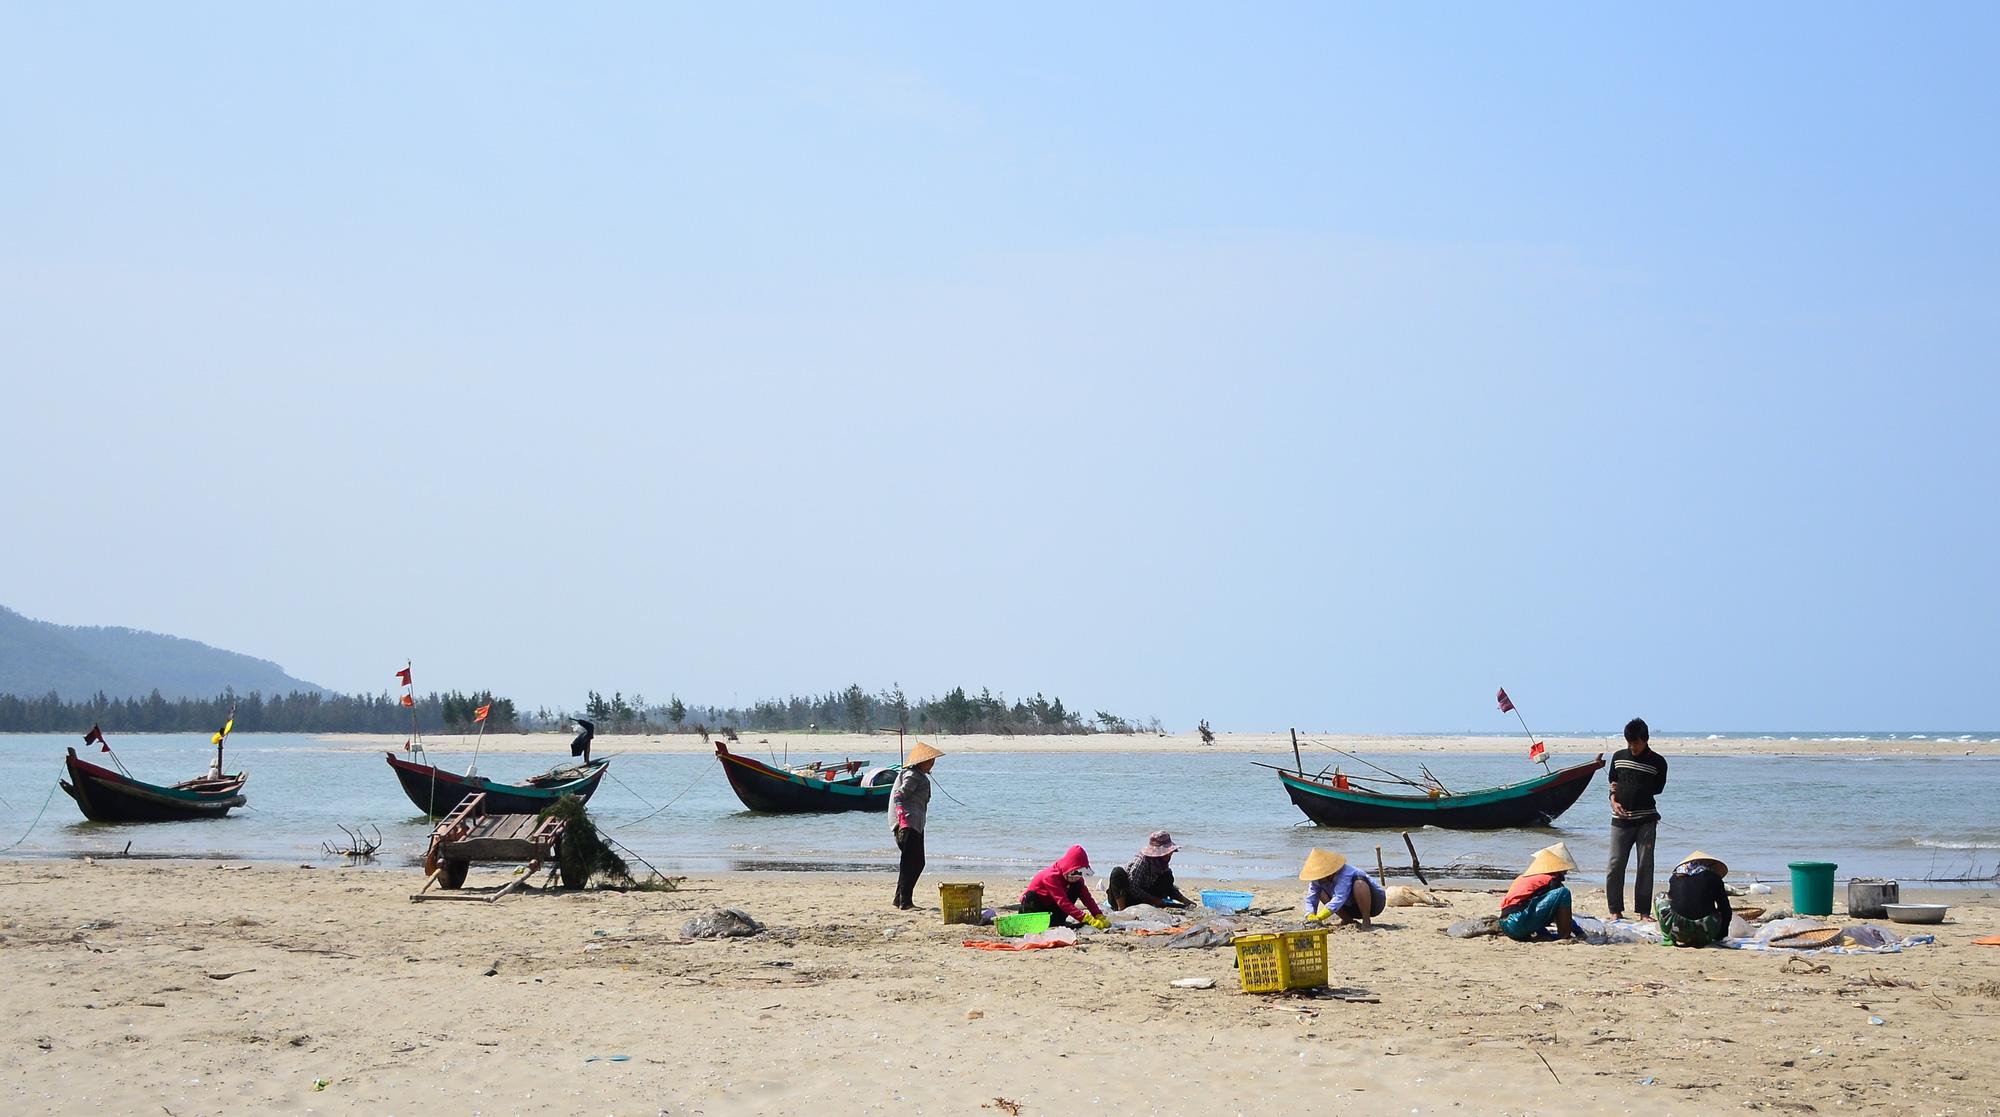 Hà Tĩnh: Nắng nóng, gió lào bỏng rát ngư dân vẫn ra biển thu hoạch sứa kiếm bộn tiền. - Ảnh 7.